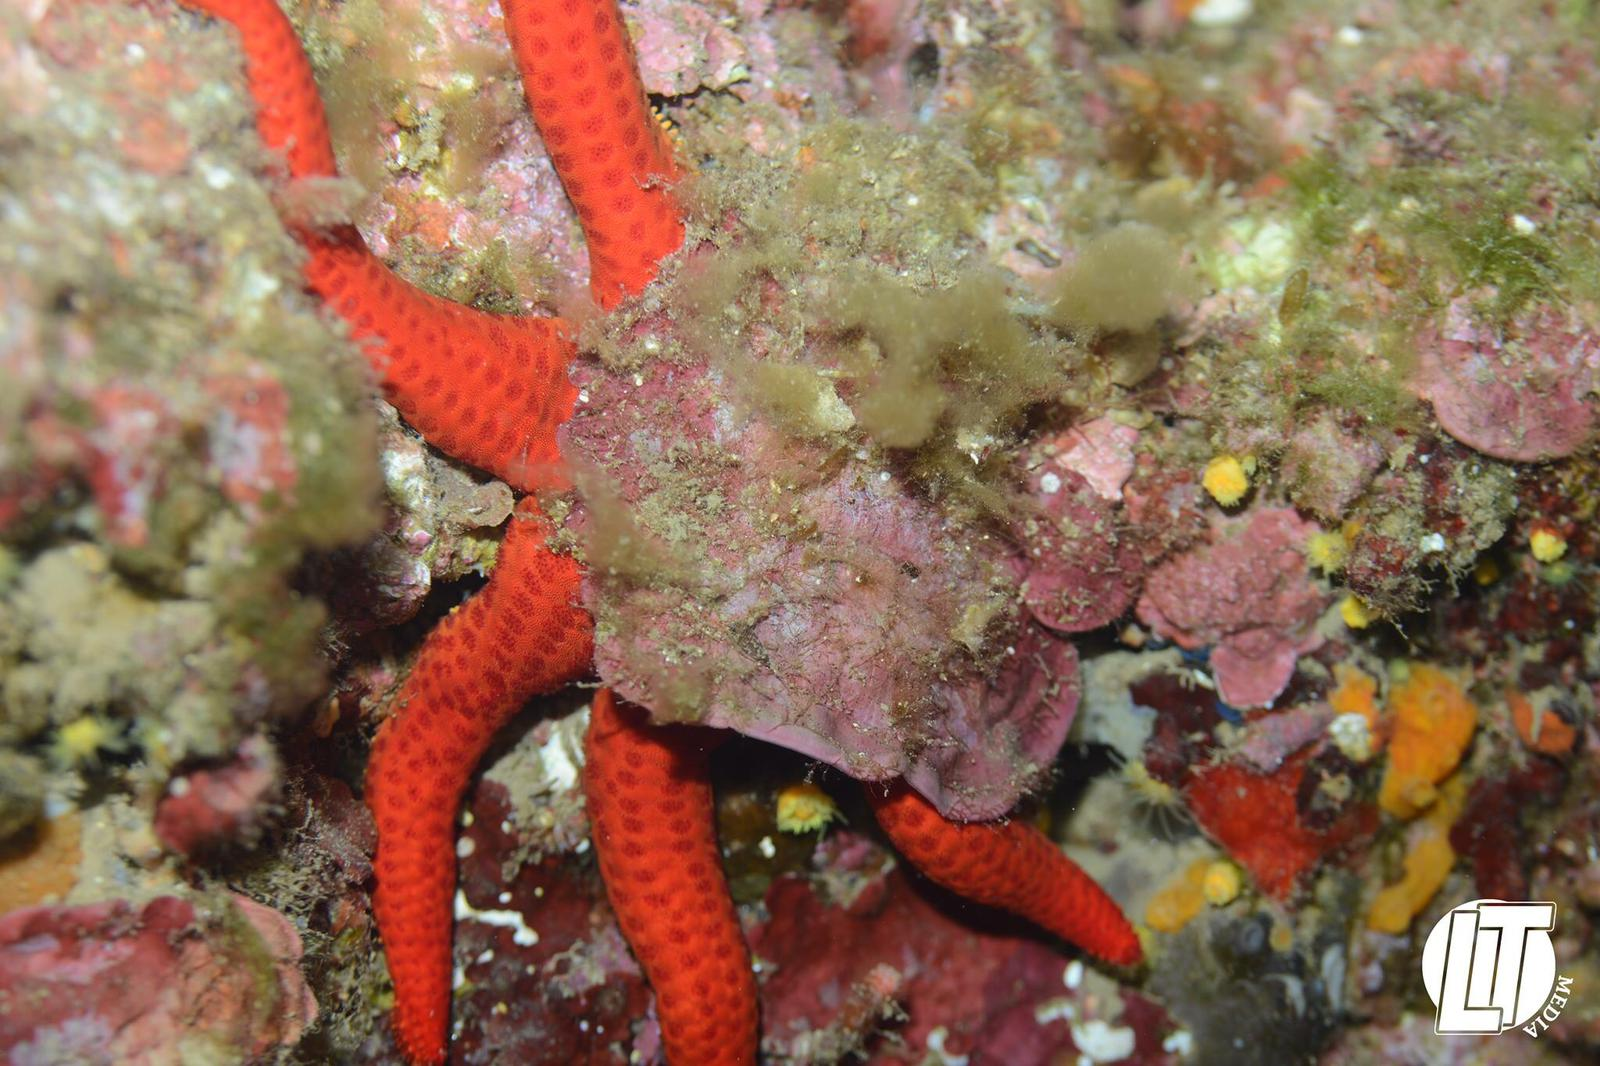 Ein Seestern in mitten von Korallen